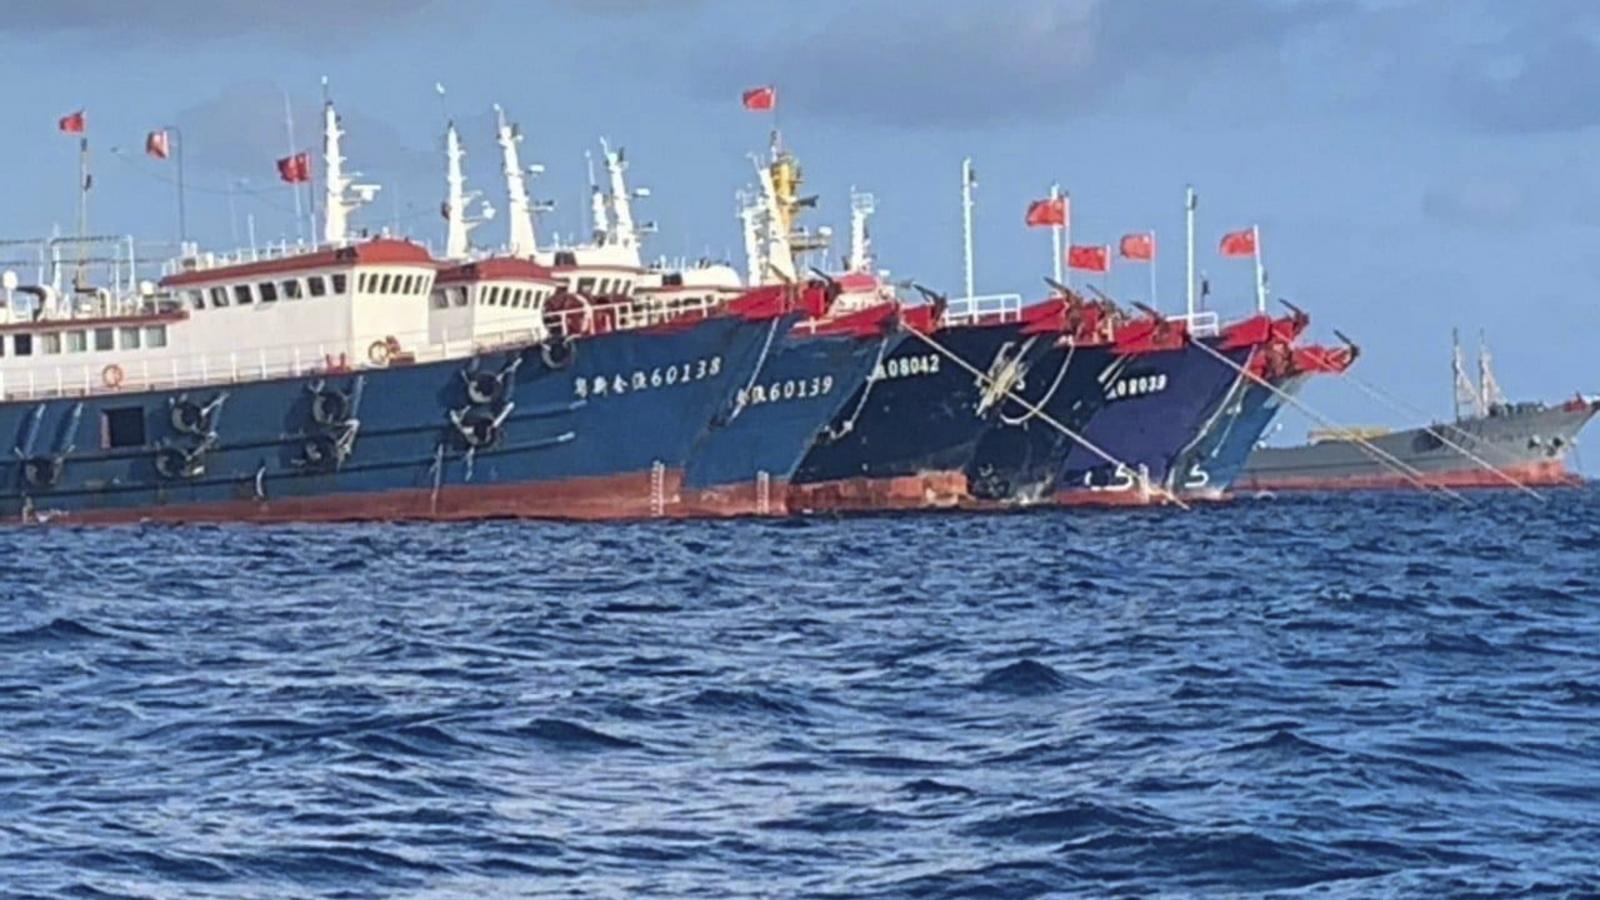 Lý do luật mới của Trung Quốc với tàu nước ngoài có thể làm tăng căng thẳng ở Biển Đông